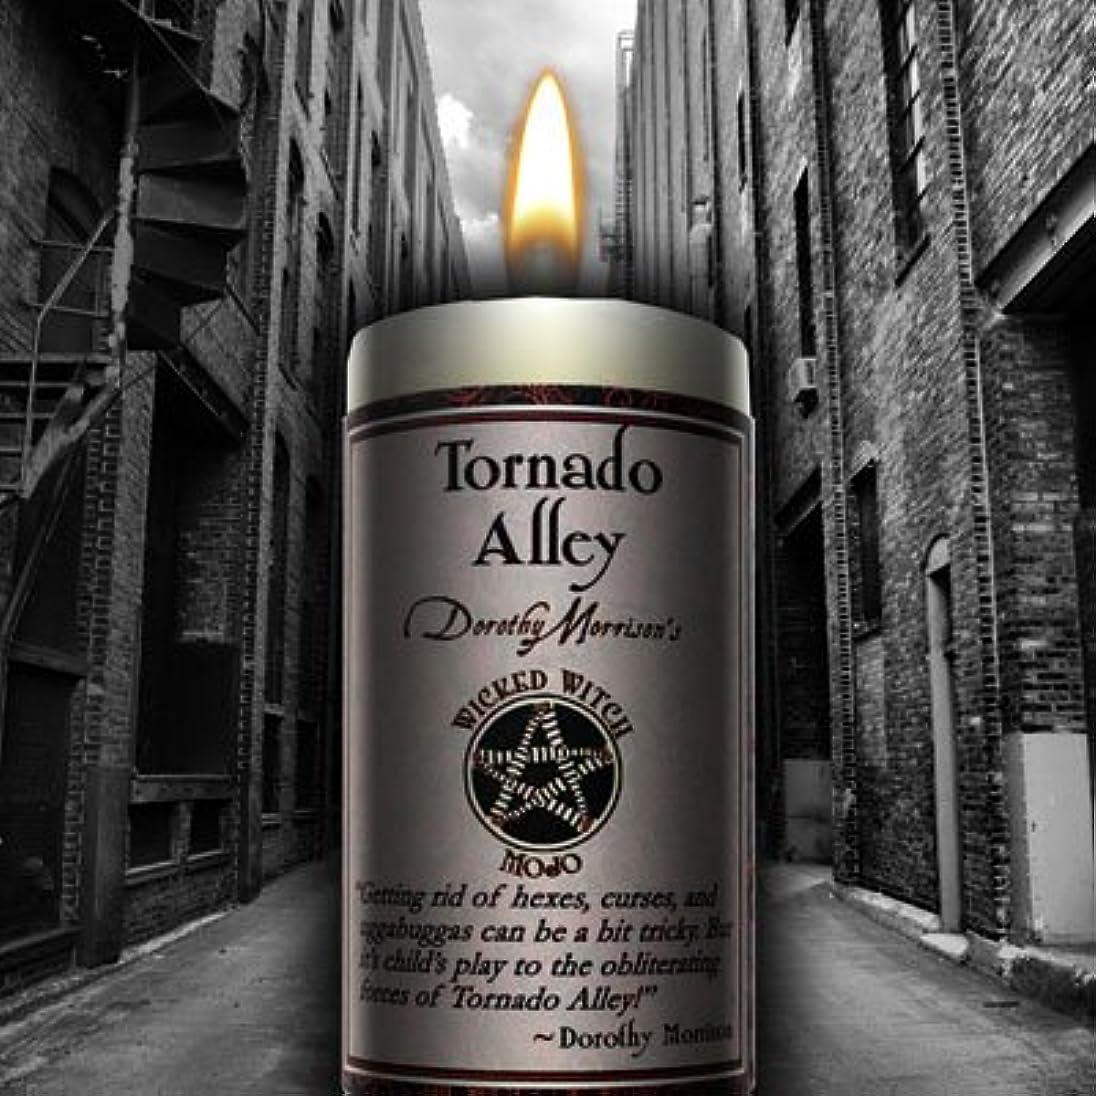 北へサンプル感謝しているWicked Witch Mojo Tornado Alley Candle by Dorothy Morrison